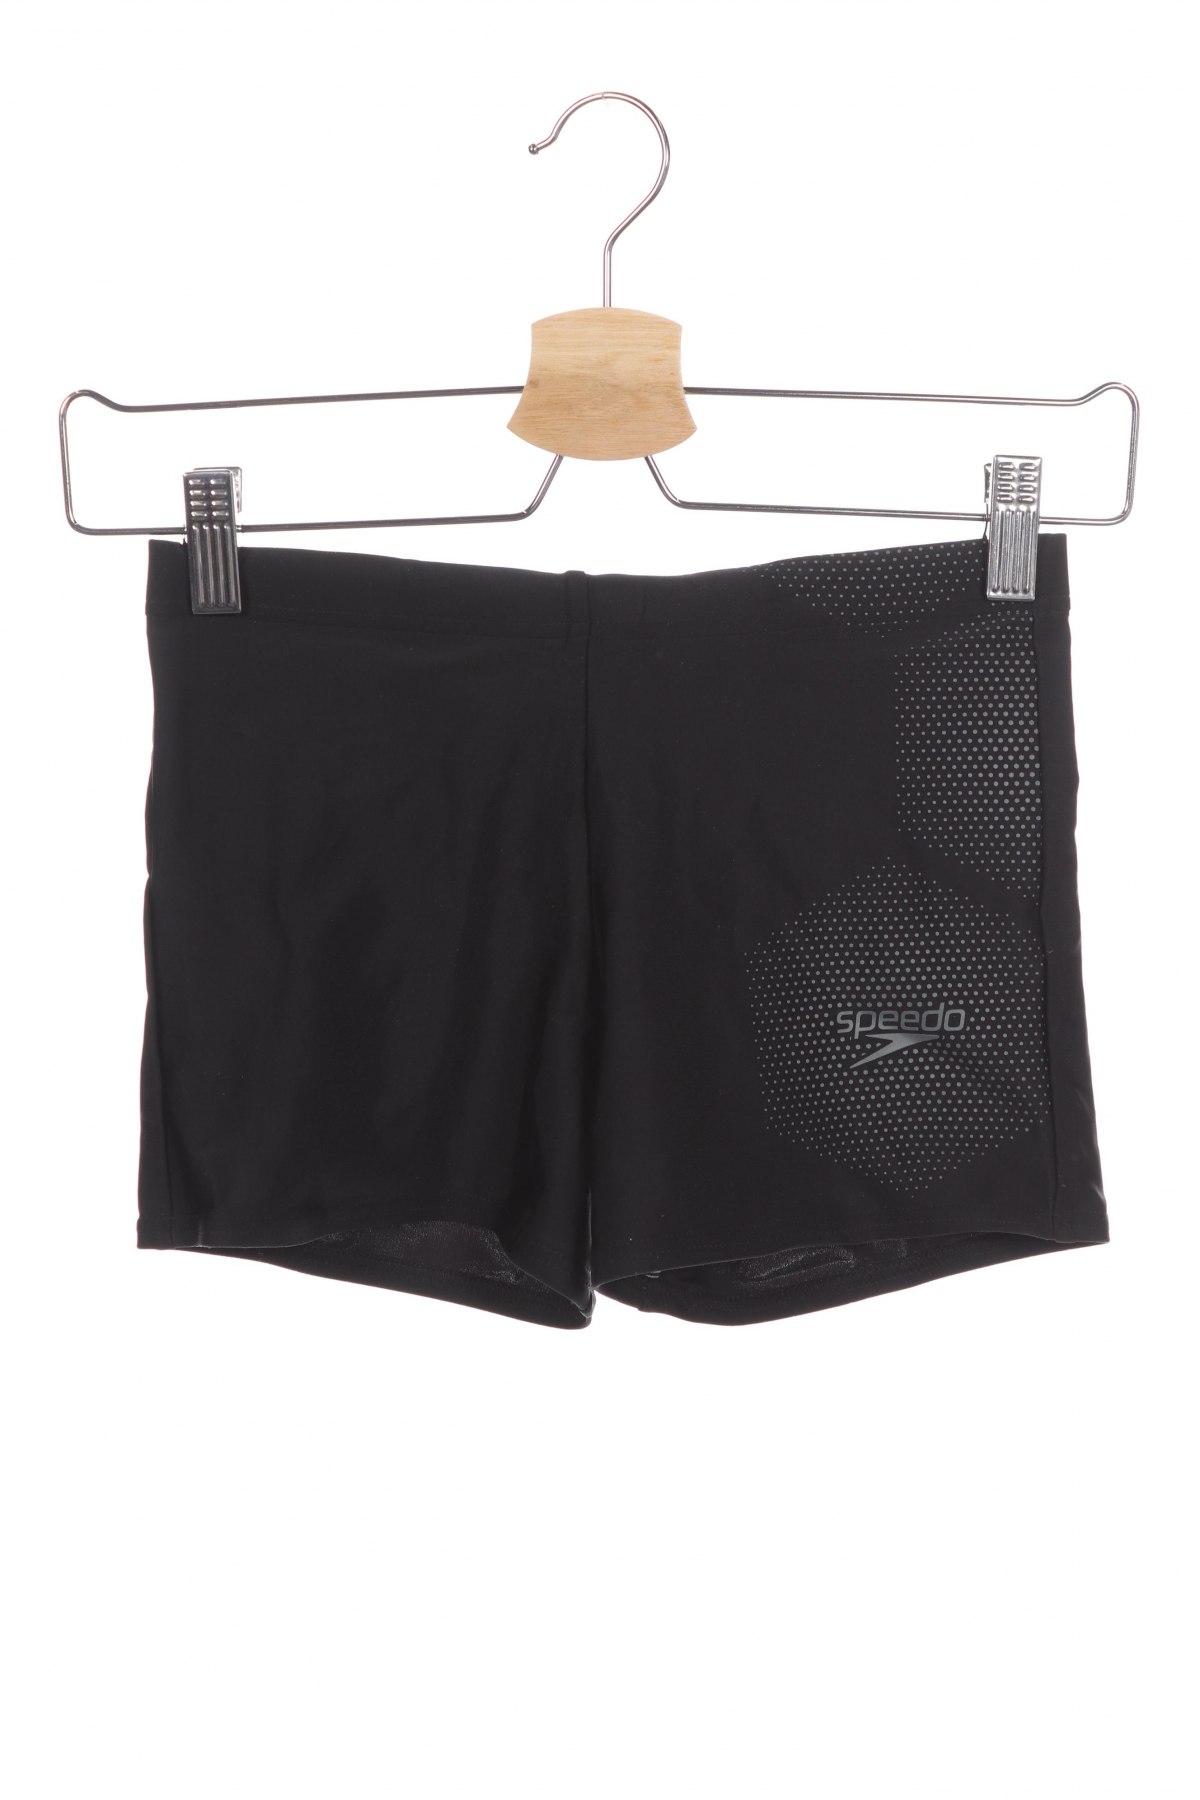 Мъжки бански Speedo, Размер XS, Цвят Черен, 80% полиамид, 20% еластан, Цена 36,75лв.